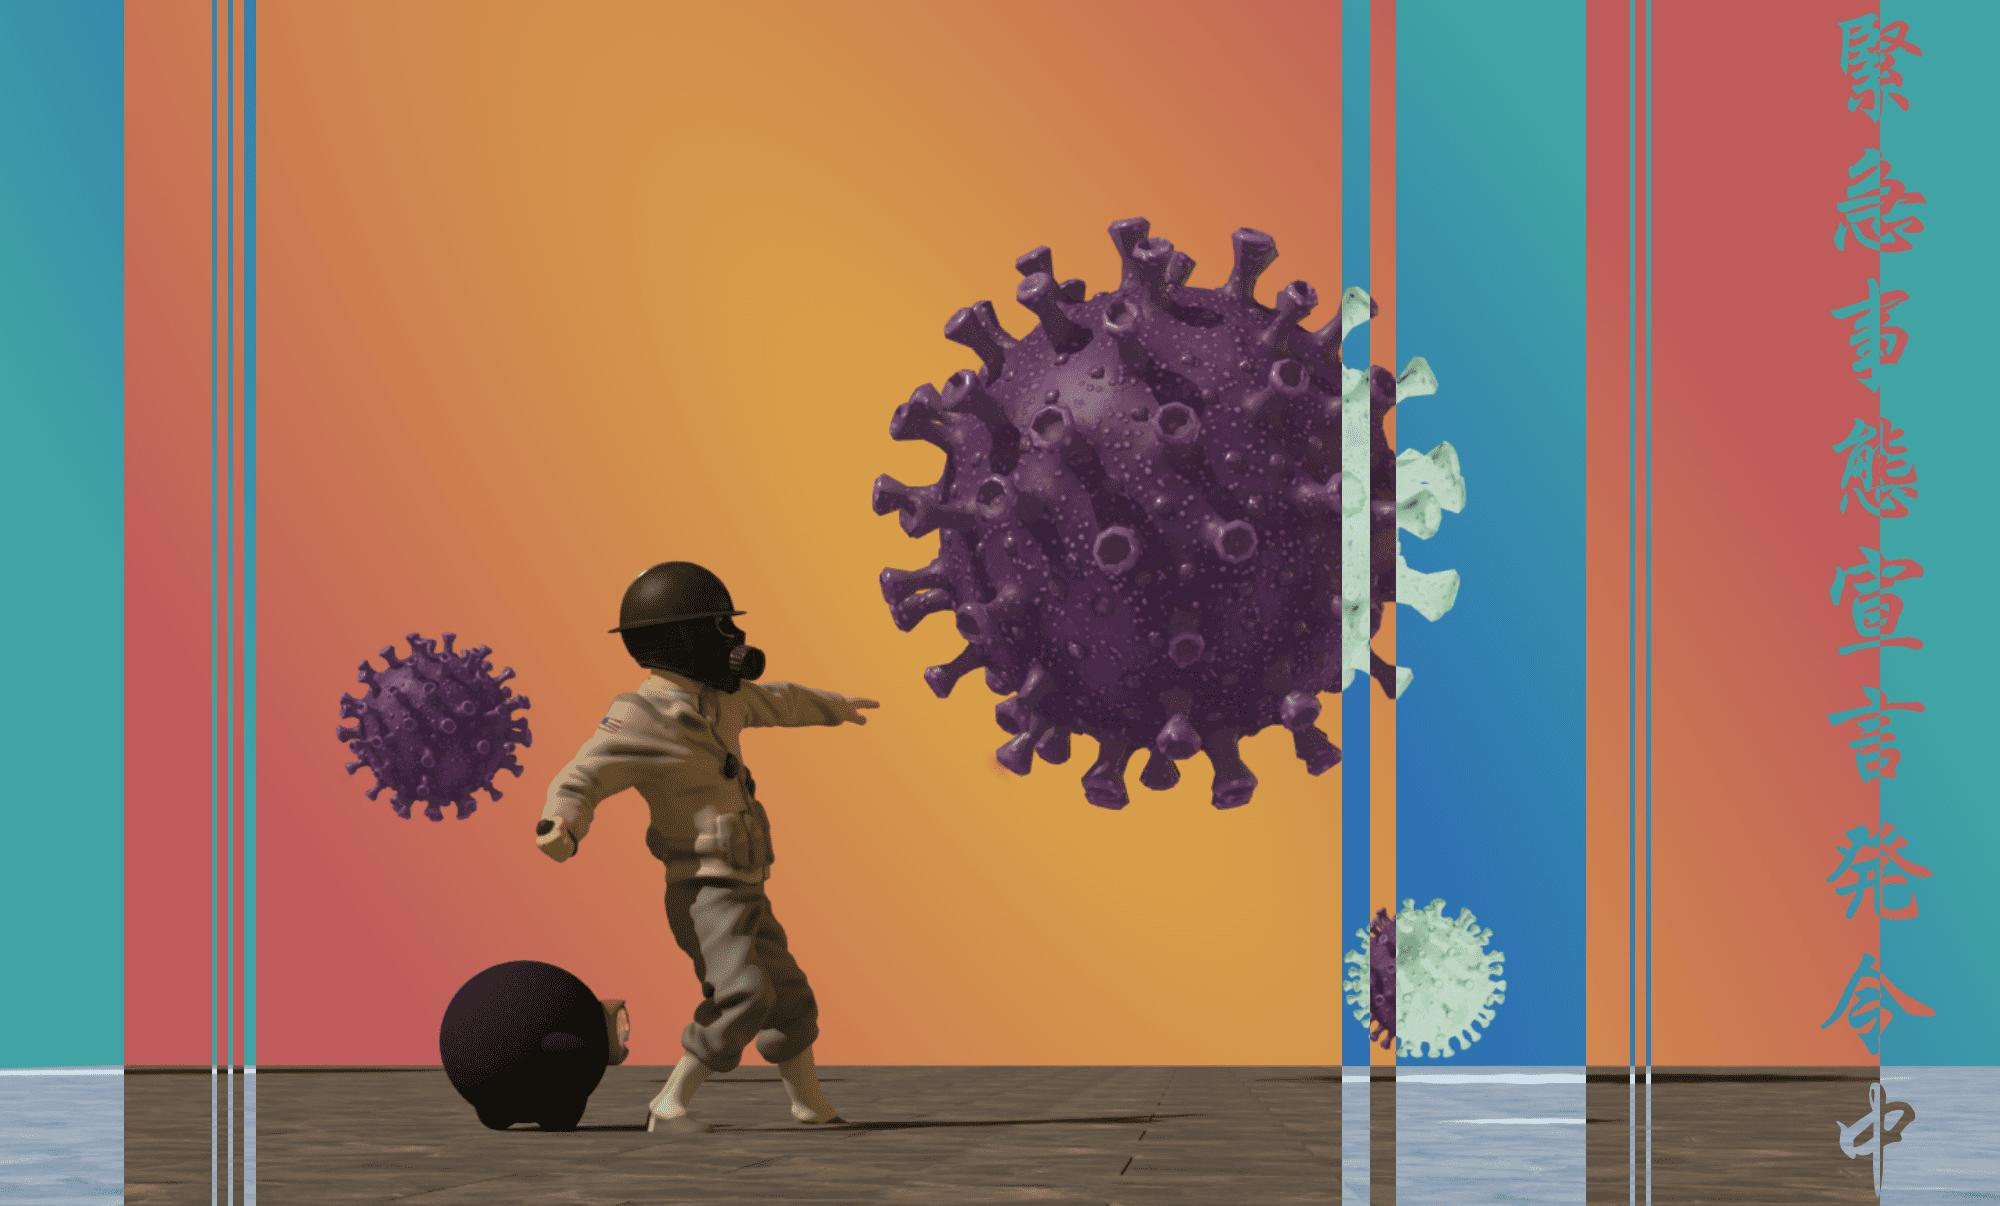 人型の宿痾【闘う少年と侵略者】